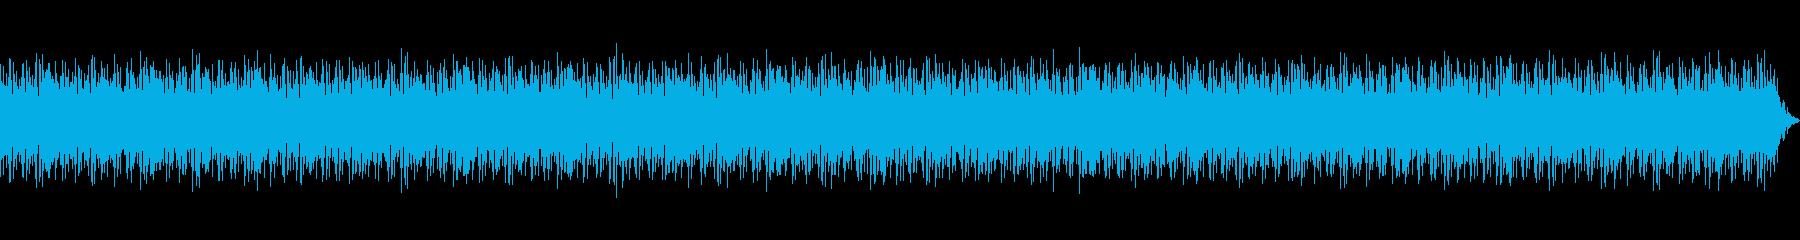 アウトドア・レジャー  ワクワクする音楽の再生済みの波形